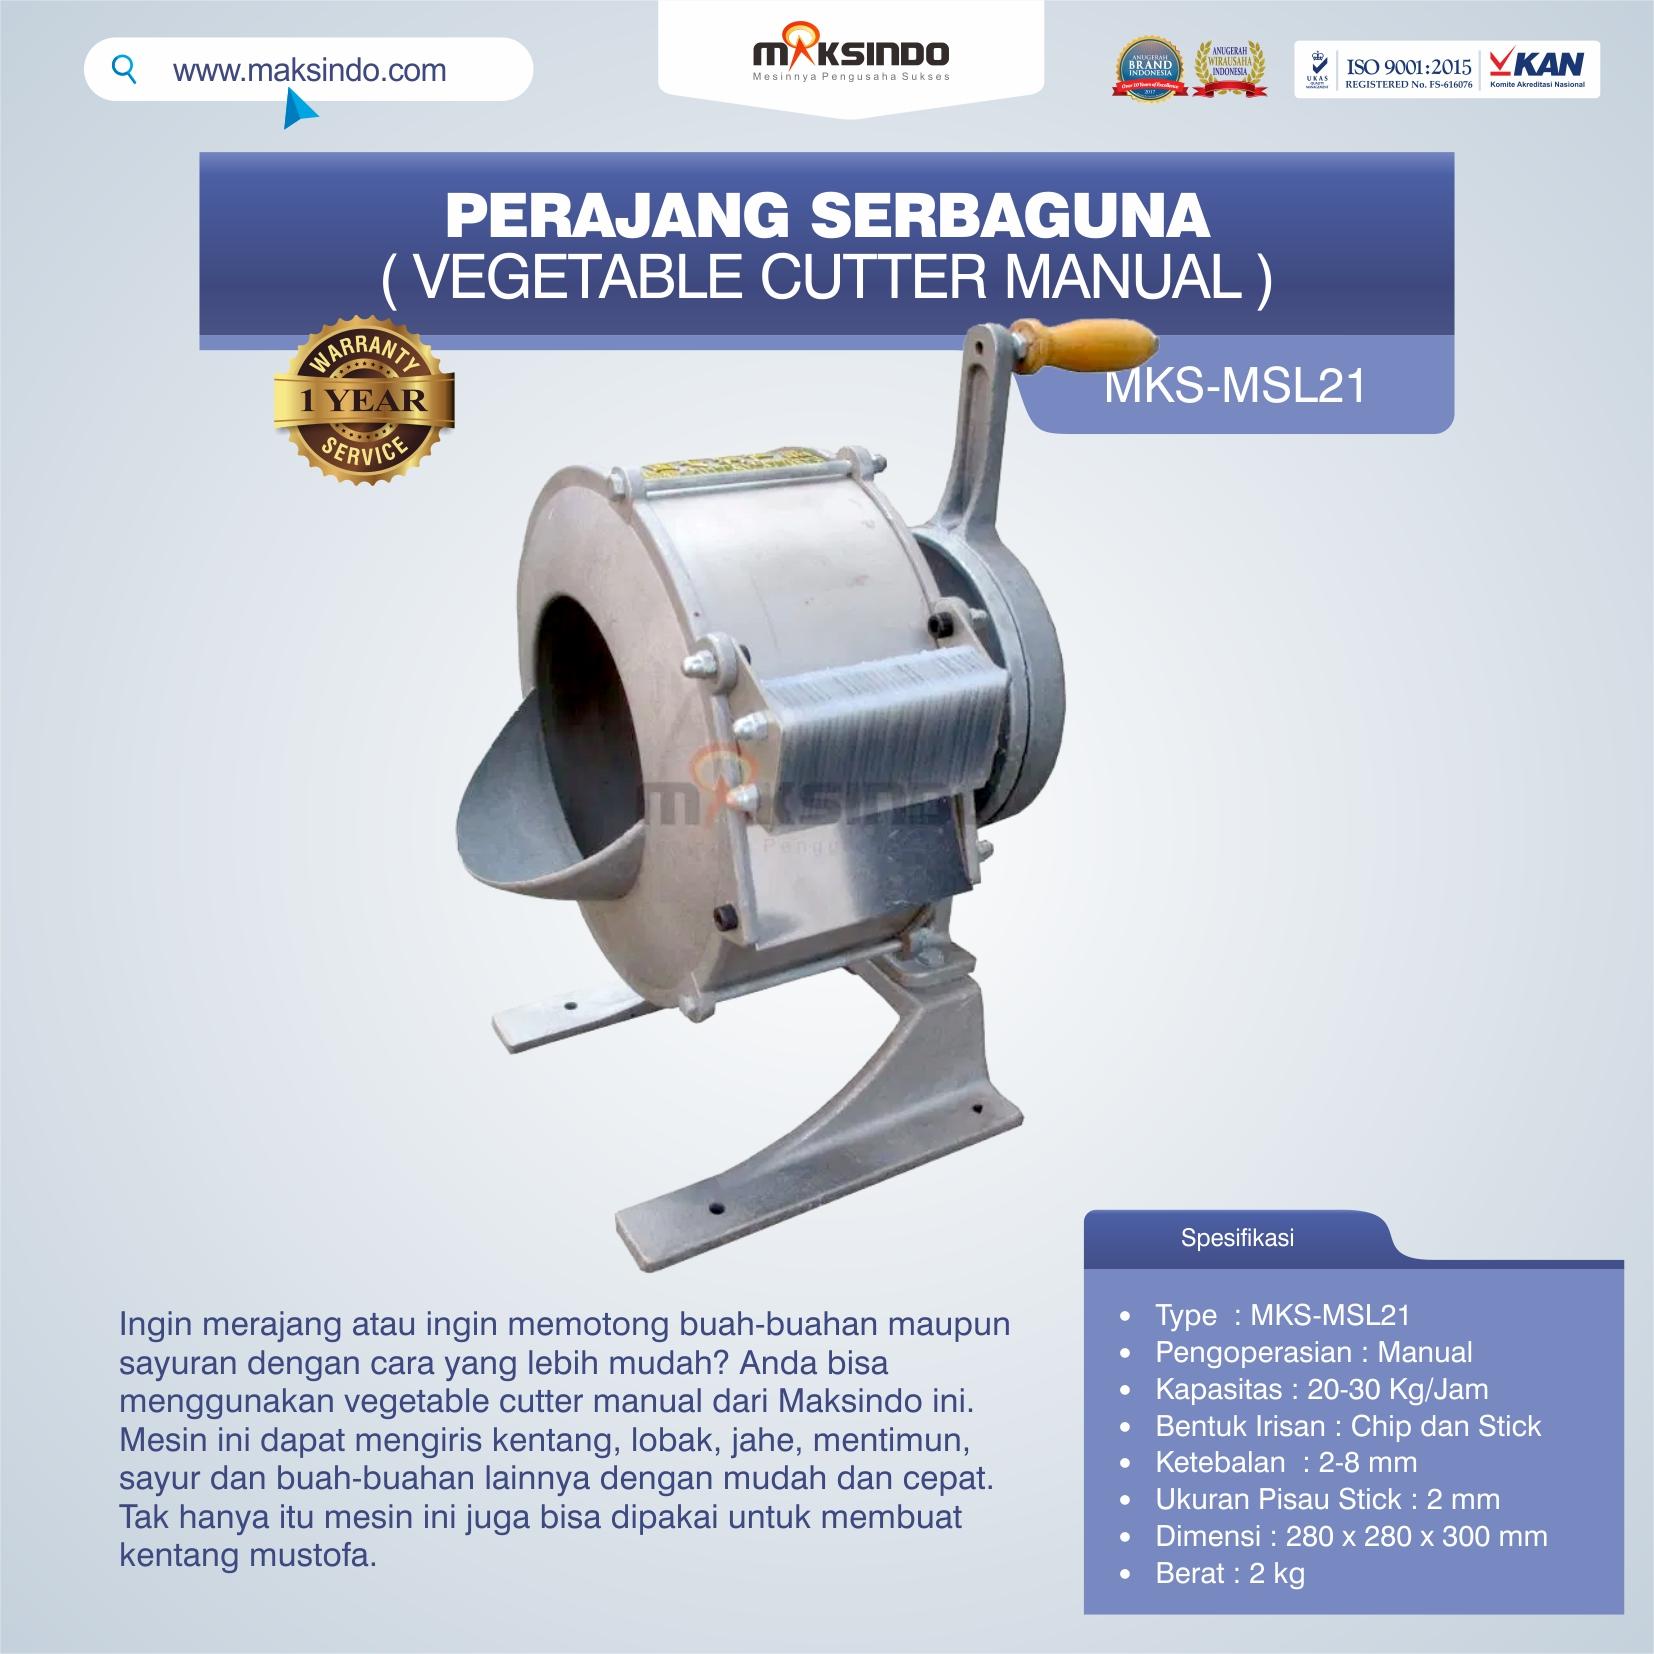 Jual Perajang Serbaguna (Vegetable Cutter Manual) MKS-MSL21 di Malang